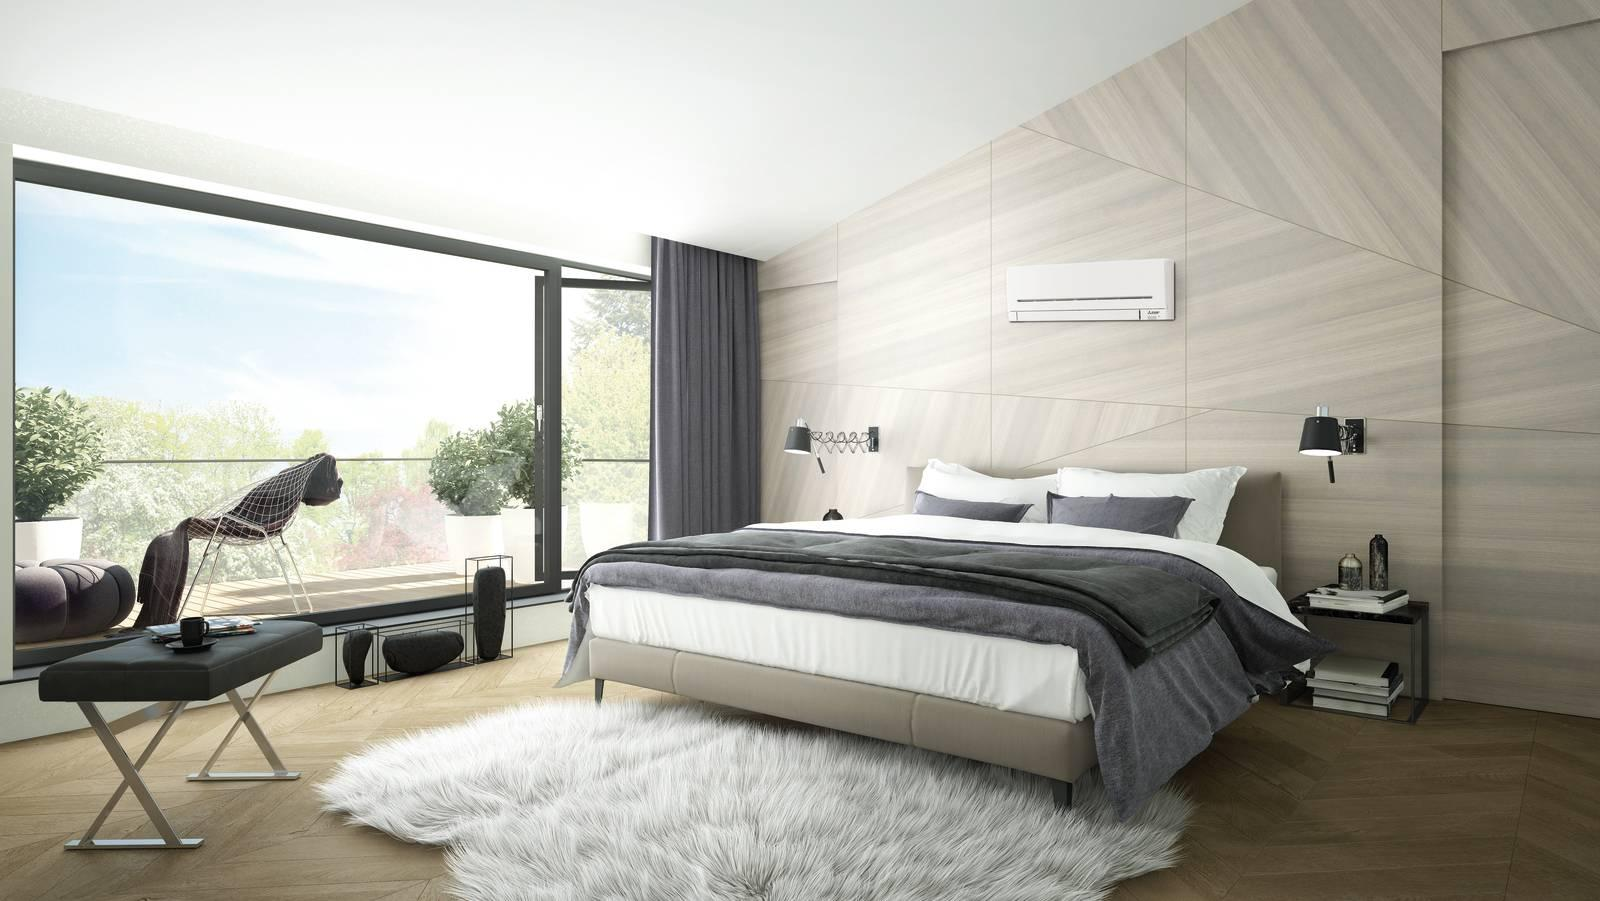 Rinfrescare Casa Fai Da Te scegliere il climatizzatore ideale non è mai stato così facile